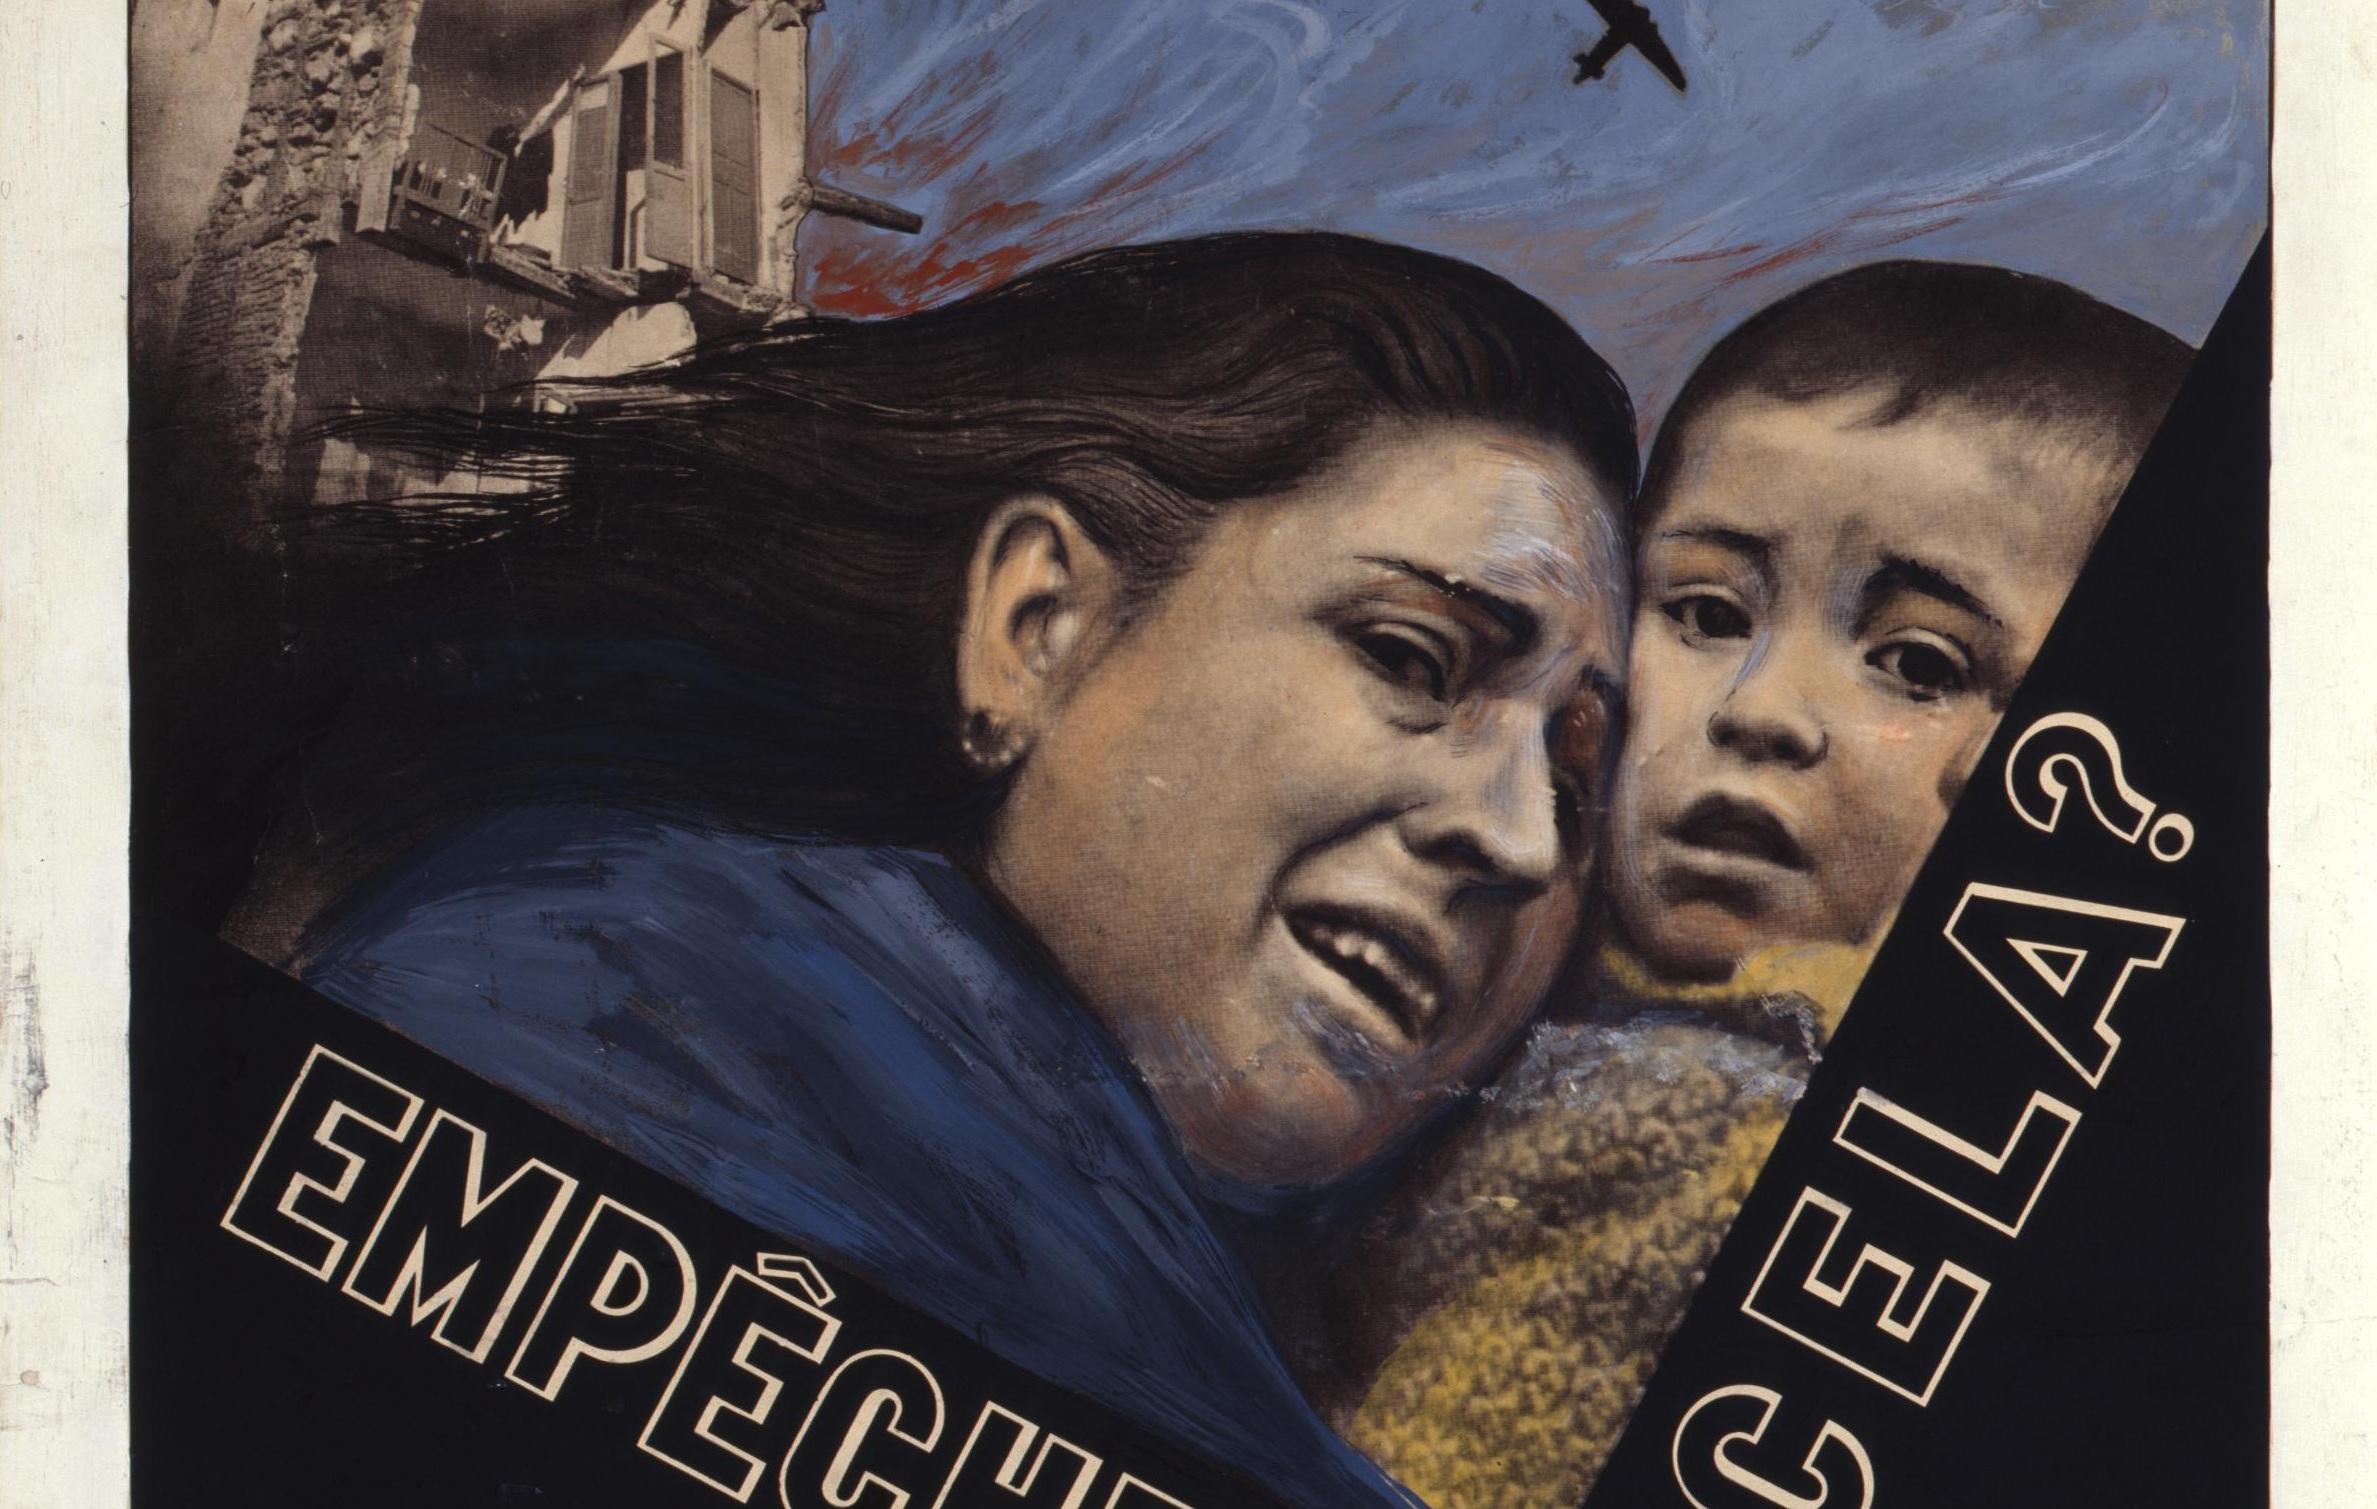 Aufruf der spanischen volksfront-regierung zur solidarität, 1937